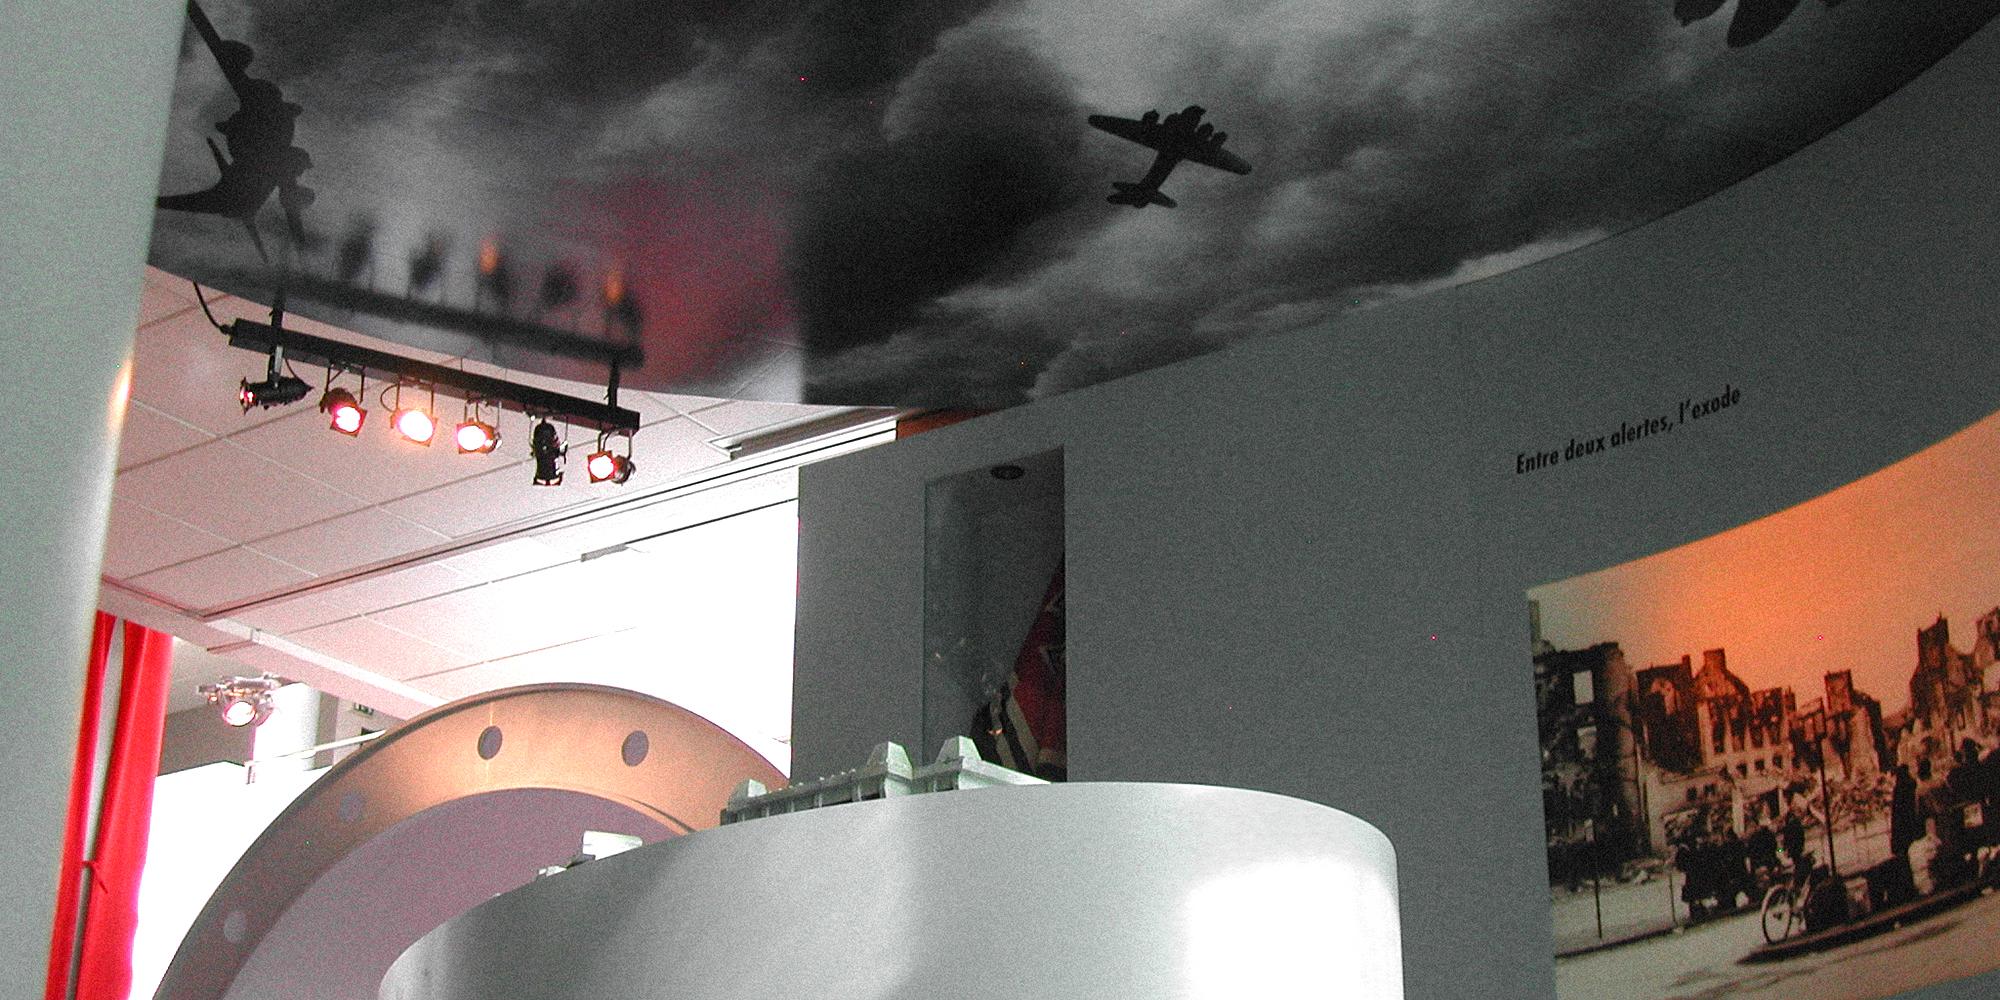 Plafond imprimé tendu pour scénographie d'exposition